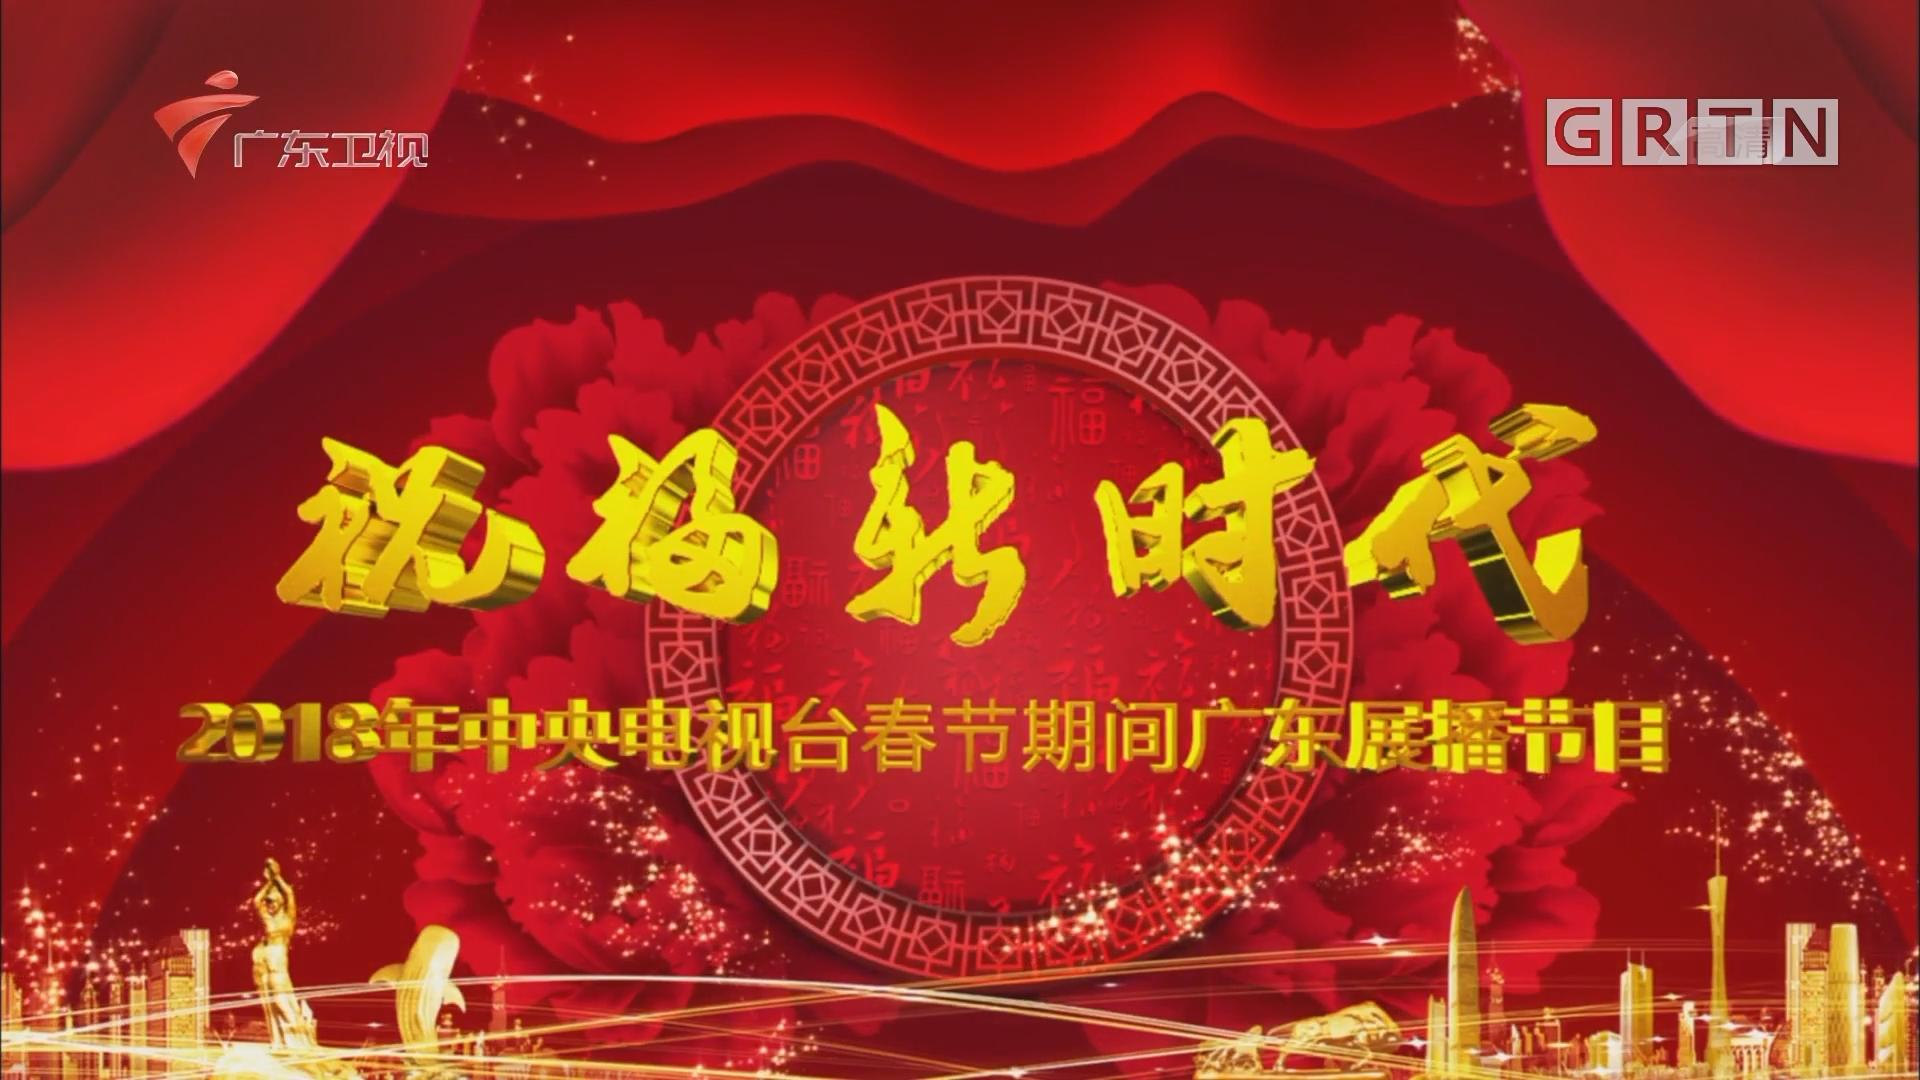 祝福新時代——2018年中央電視臺春節期間廣東展播節目